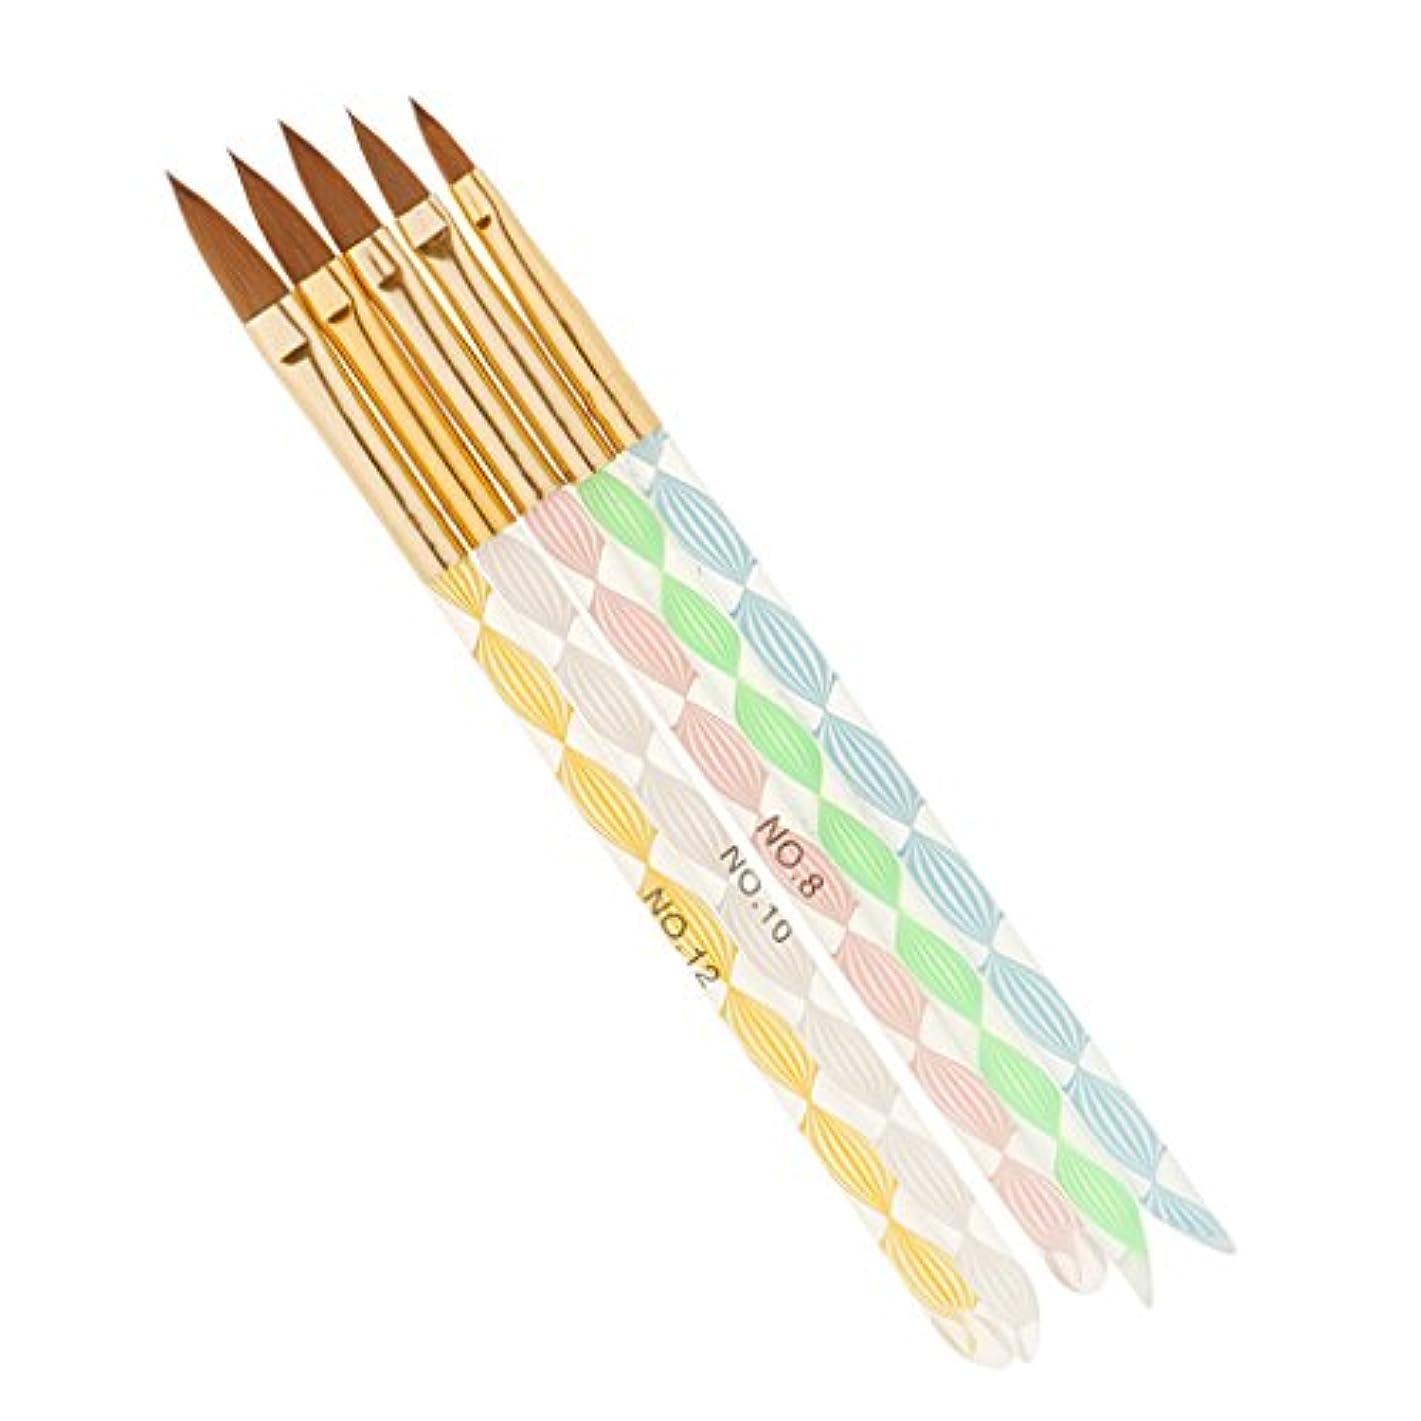 なめらか知人最初Perfk 5本 ネイルアート デザイン ブラシキット マニキュアツール 絵画 描画 磨き ブラシ